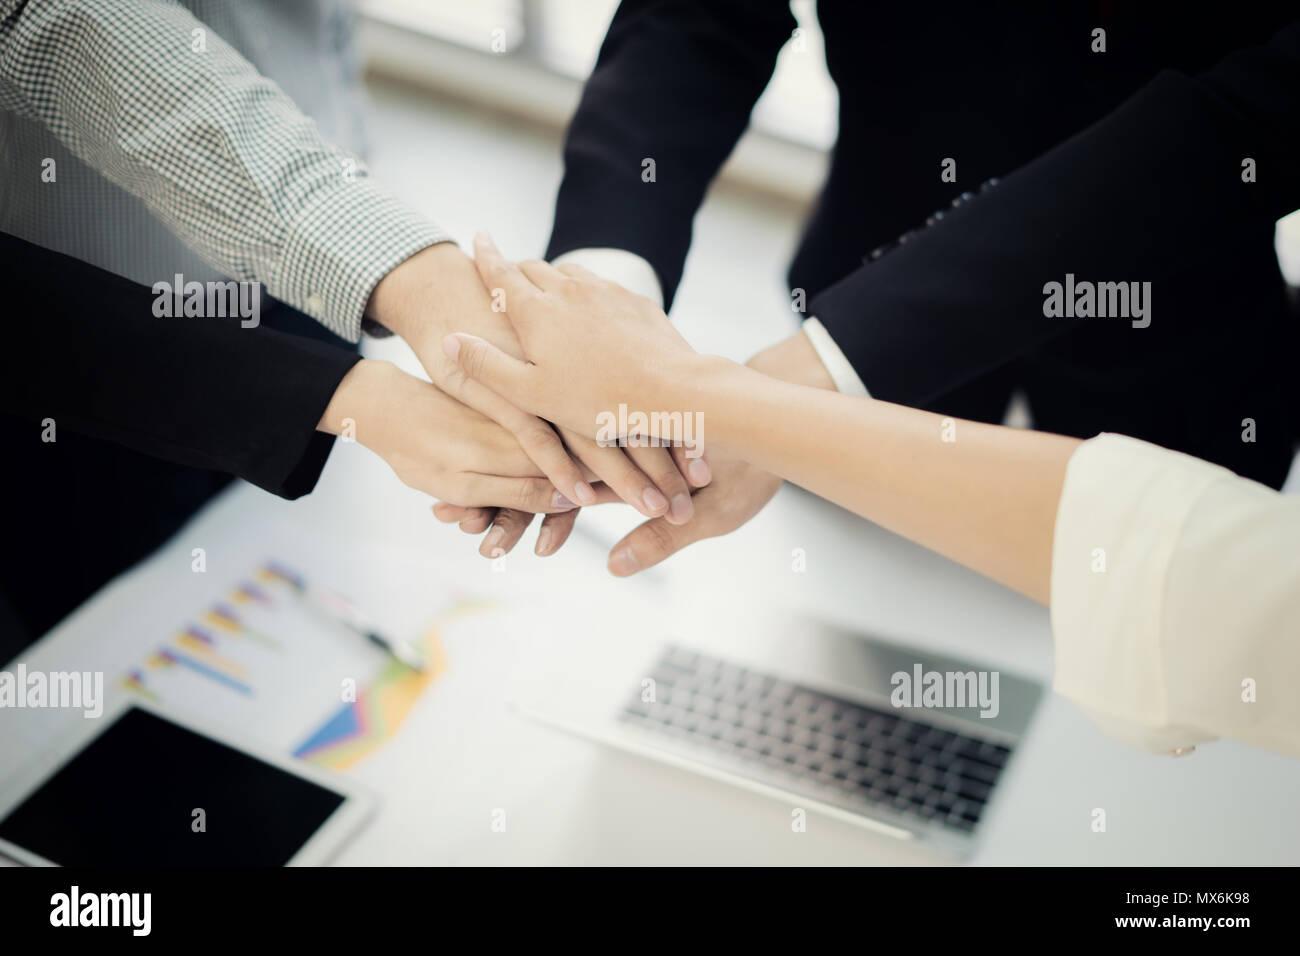 Cerrar vista superior de jóvenes empresarios poniendo sus manos juntas. Pila de manos. Concepto de la unidad y el trabajo en equipo. Imagen De Stock